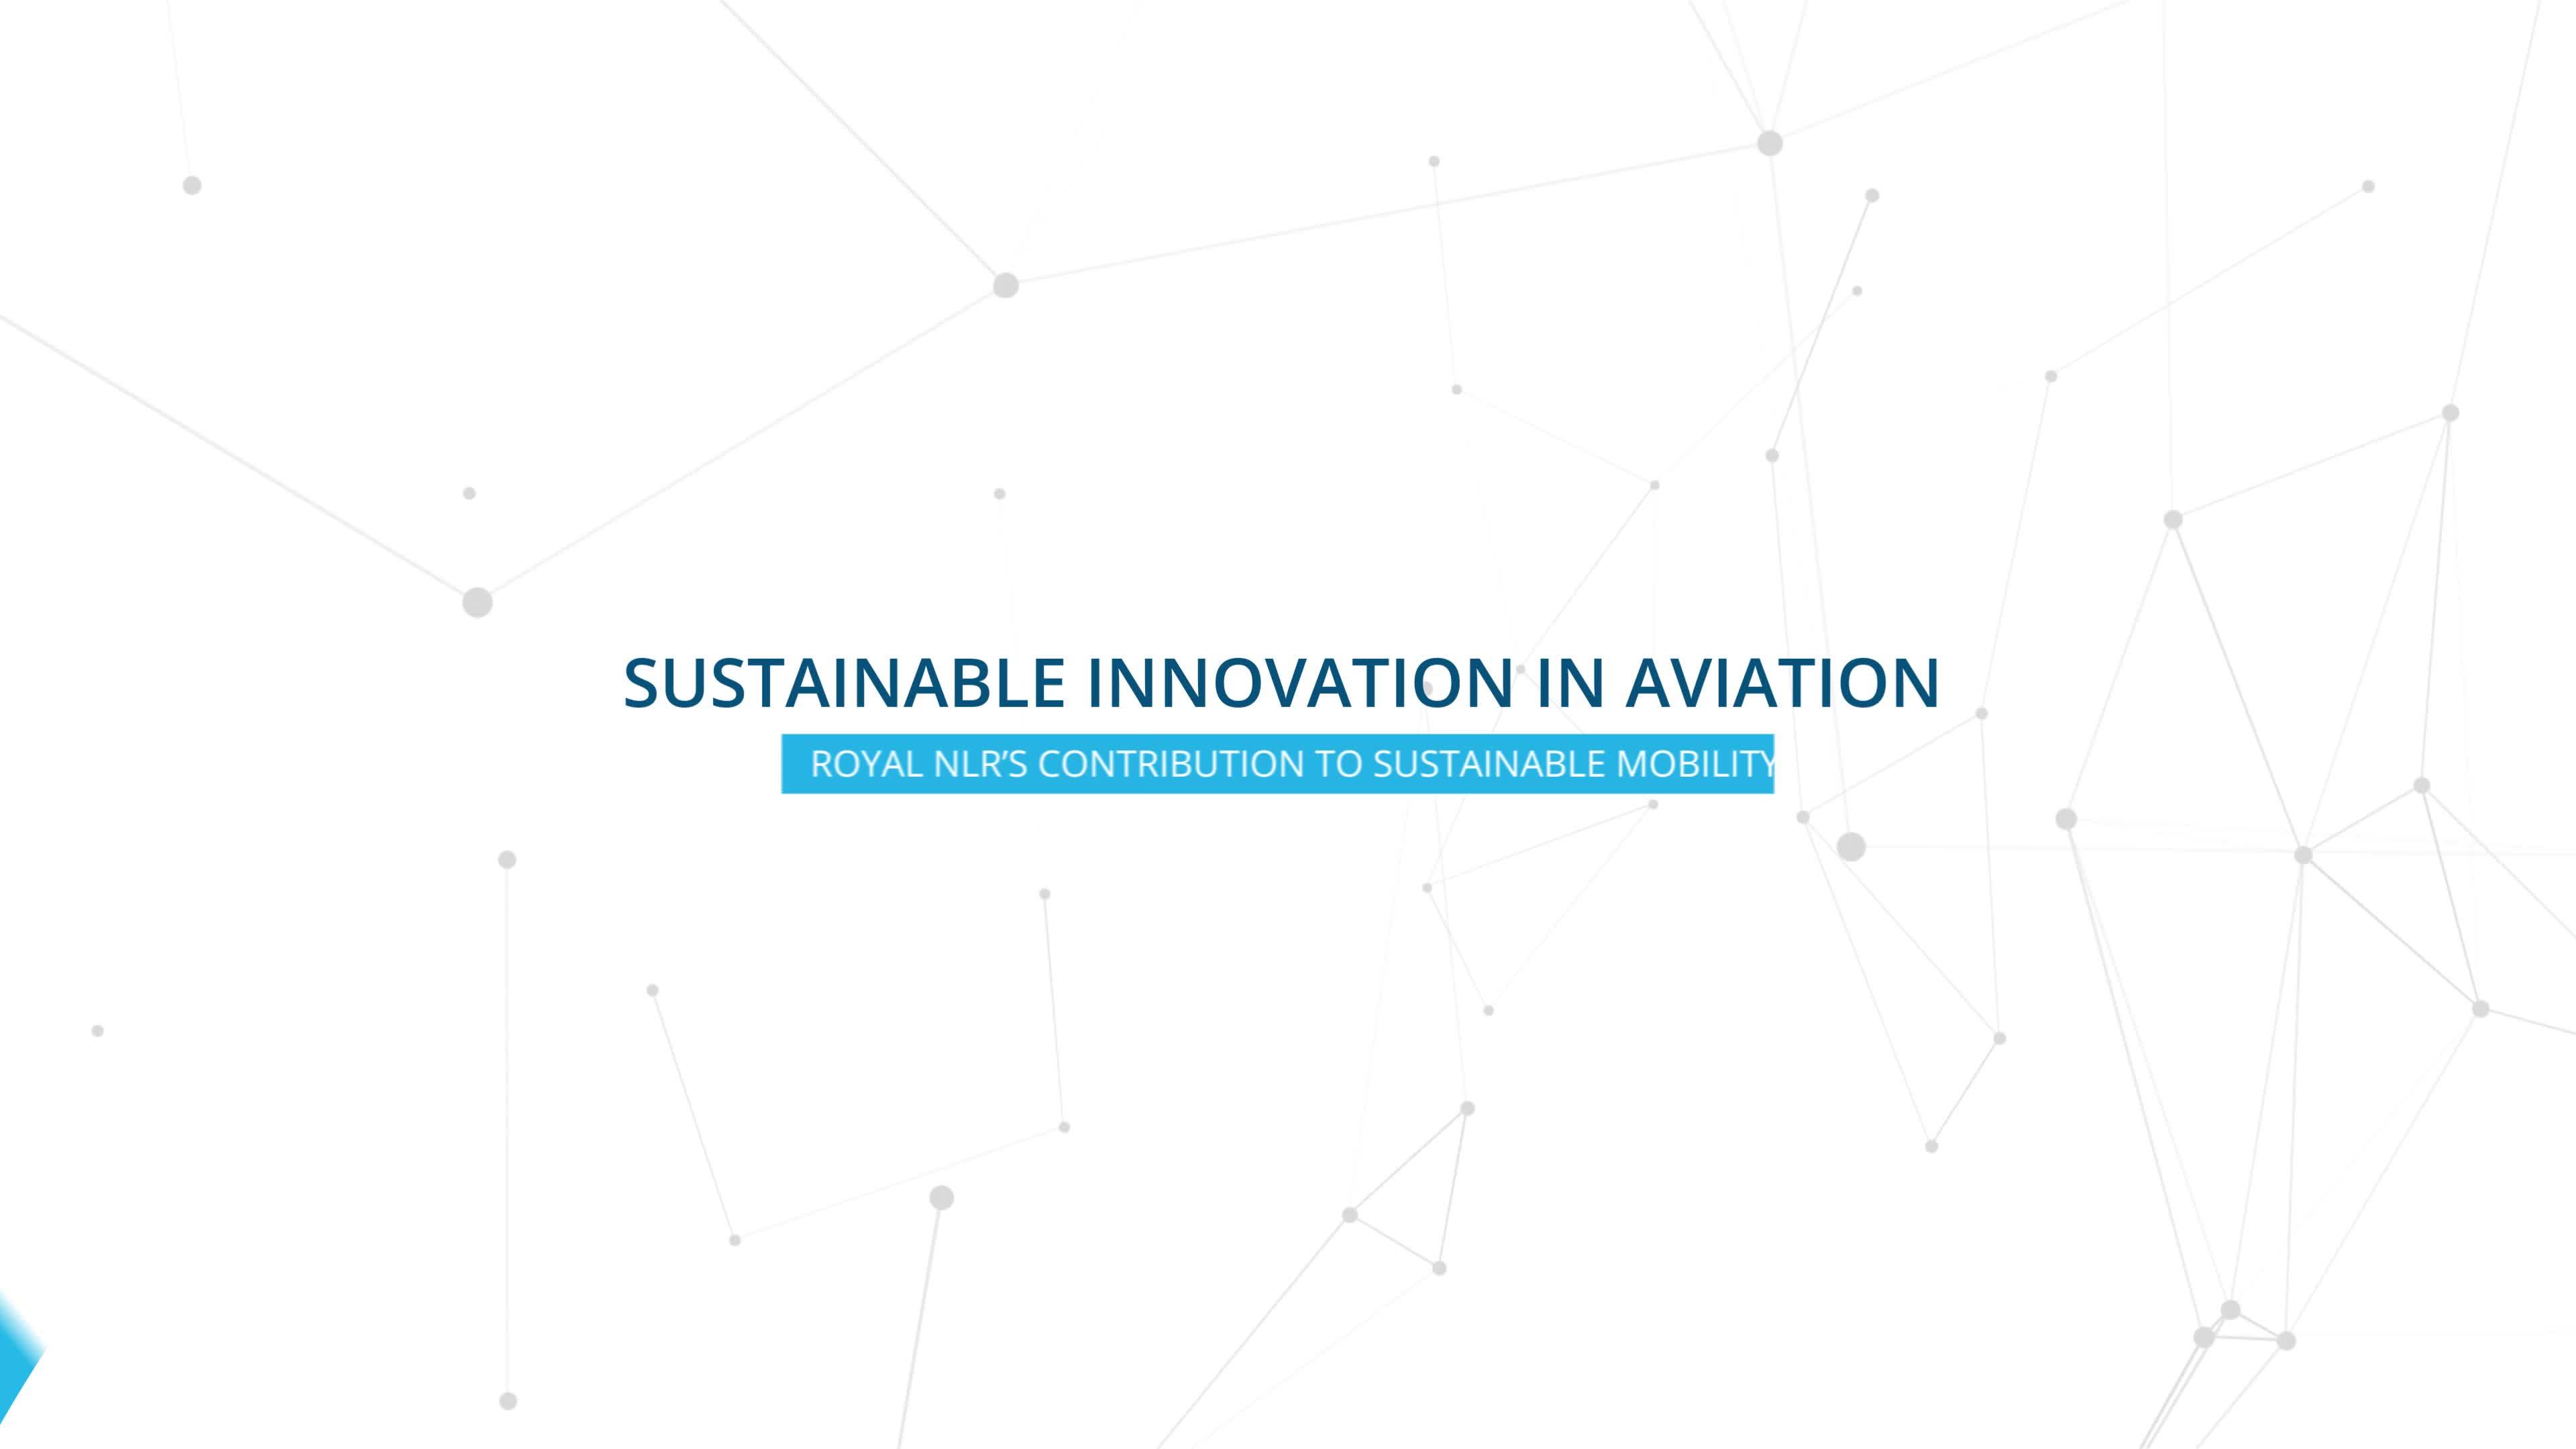 Klimaatdoelen voor verduurzaming luchtvaart wel haalbaar met nieuwe technologieën